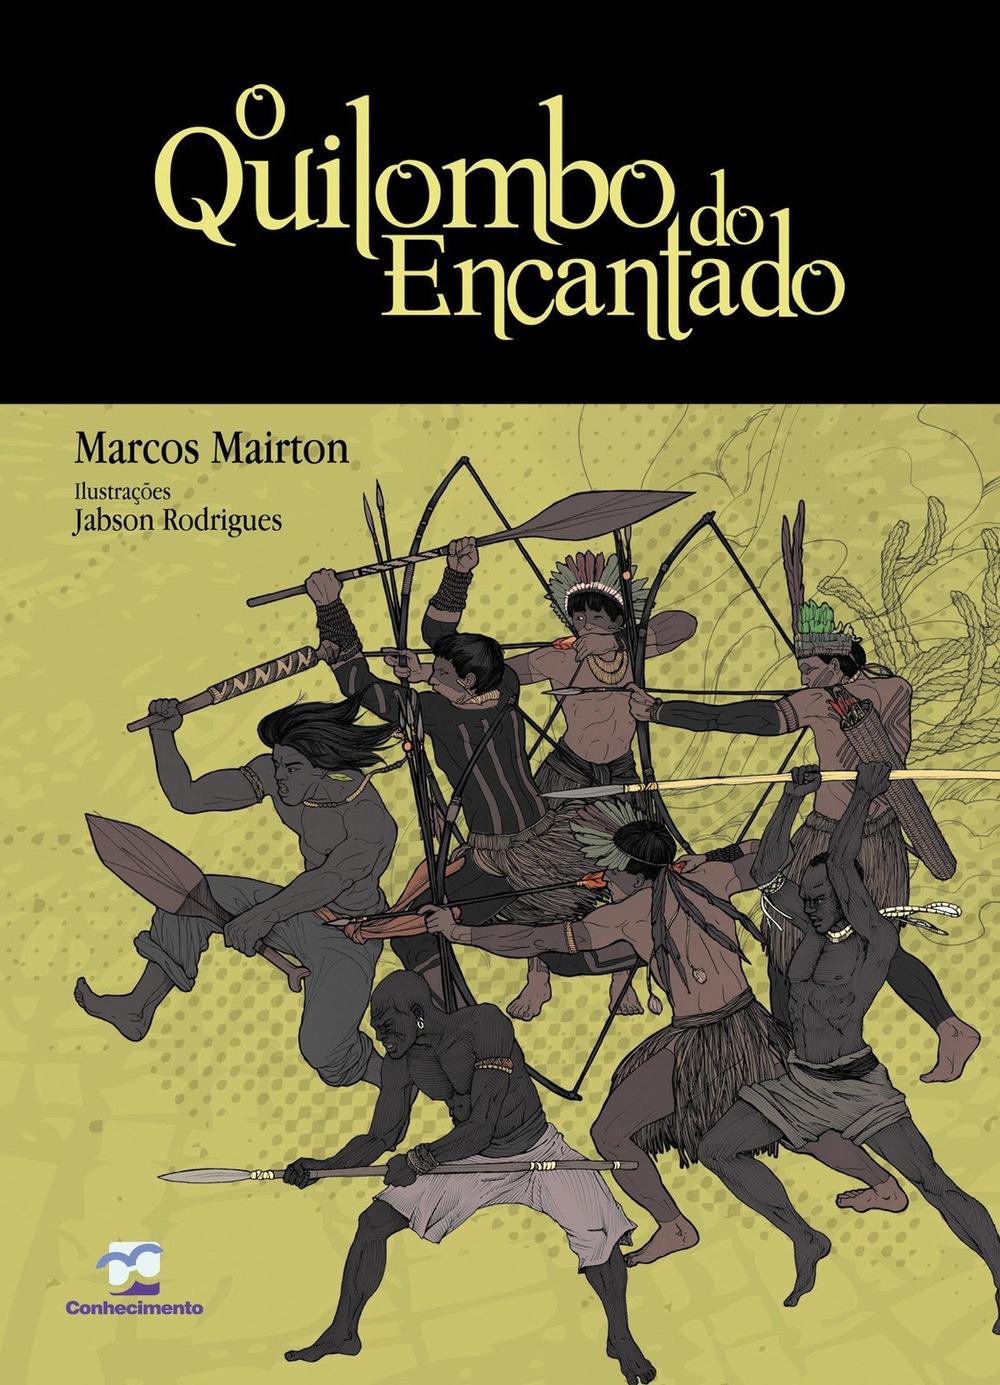 [CAPA]--O-Quilombo-do-Encantado-1.jpg